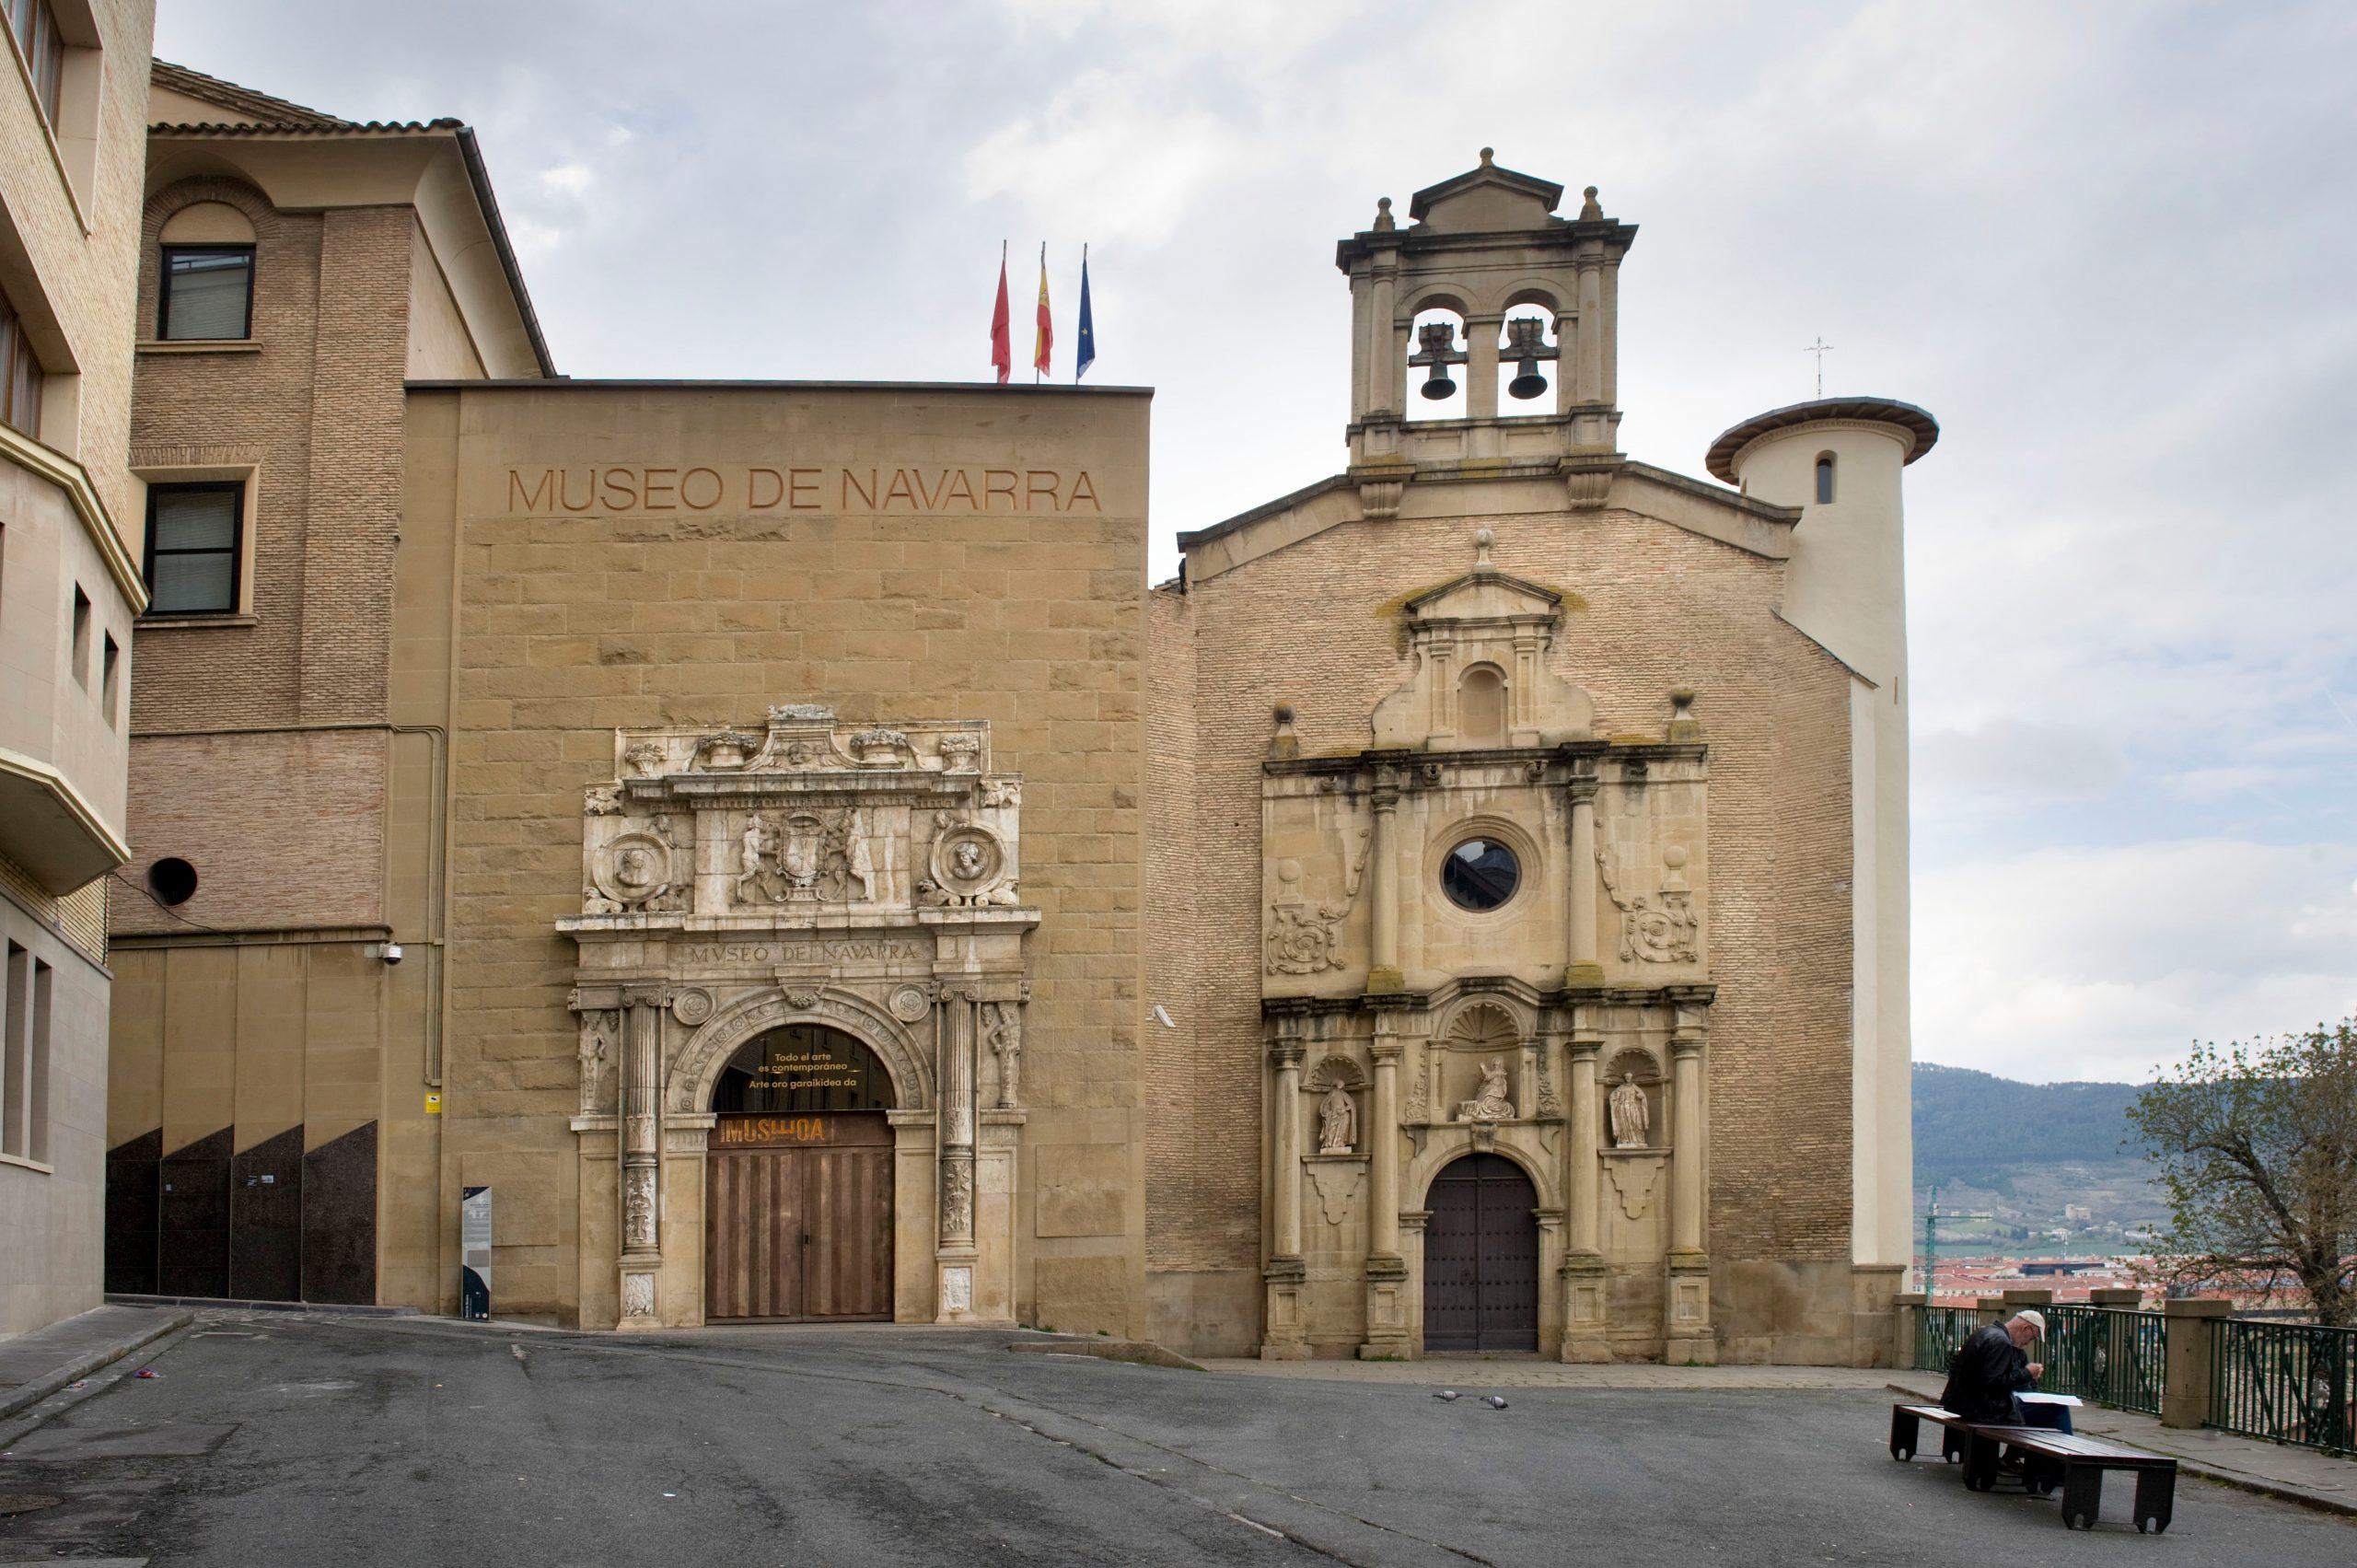 Fachada del Museo de Navarra